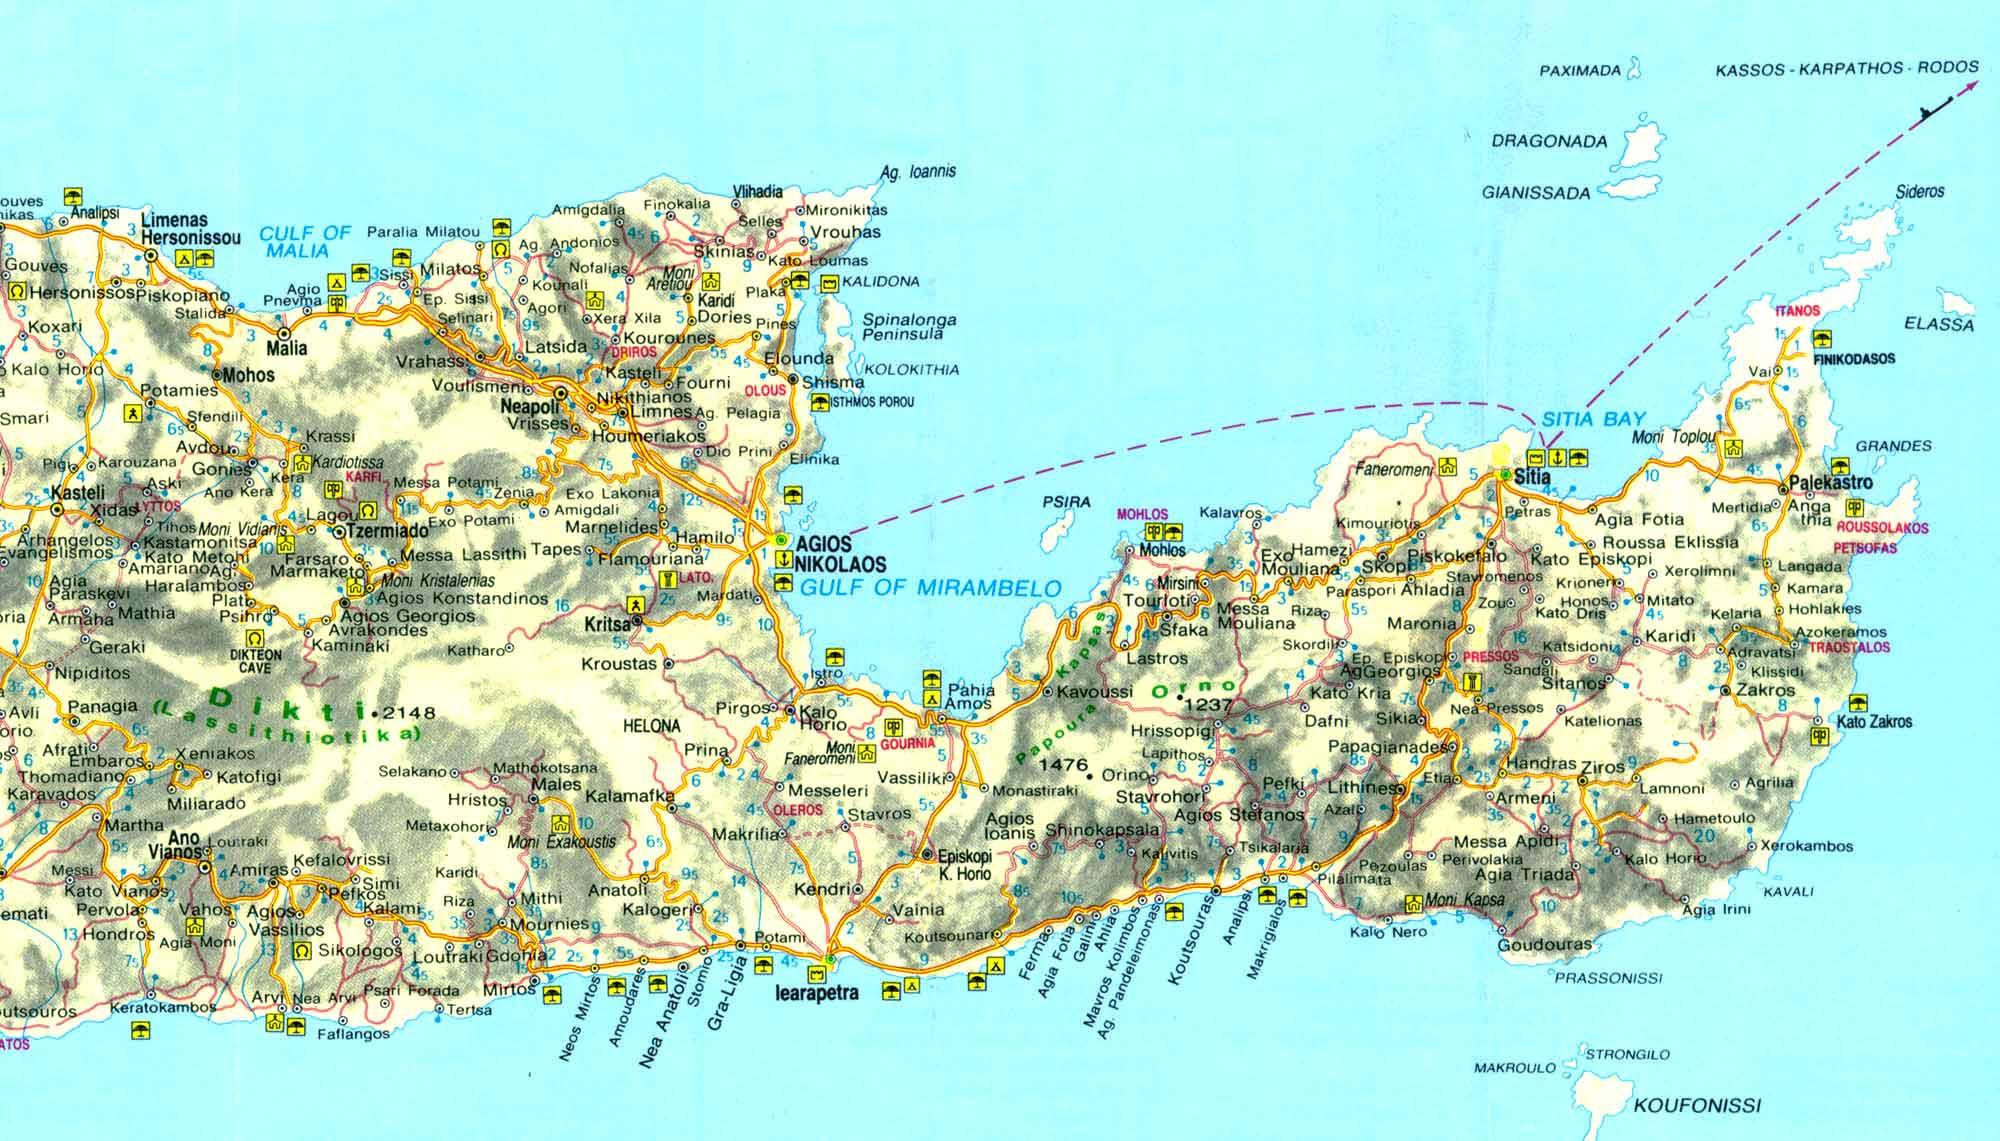 East Crete magazine for property,travel,accomodation, lifestyle